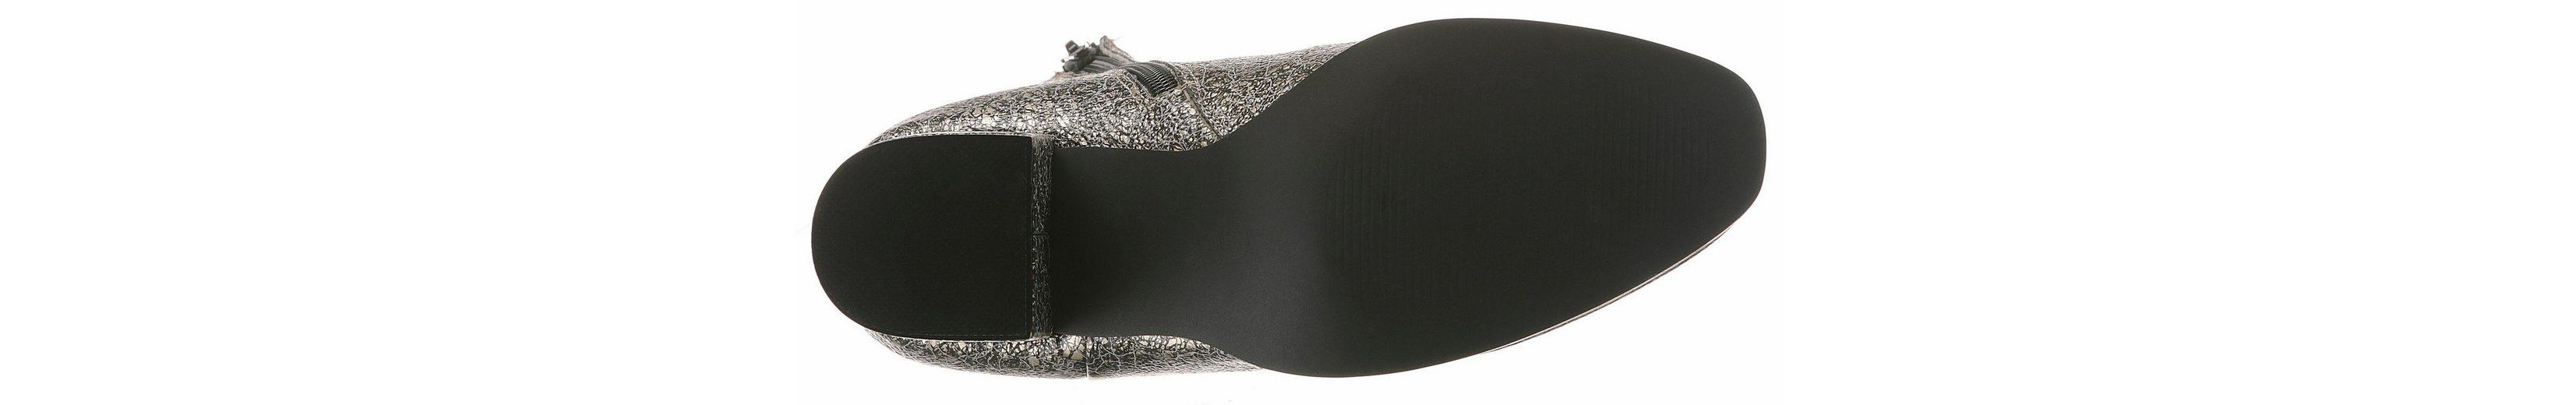 Vero Moda Stiefelette, im schlichten Design